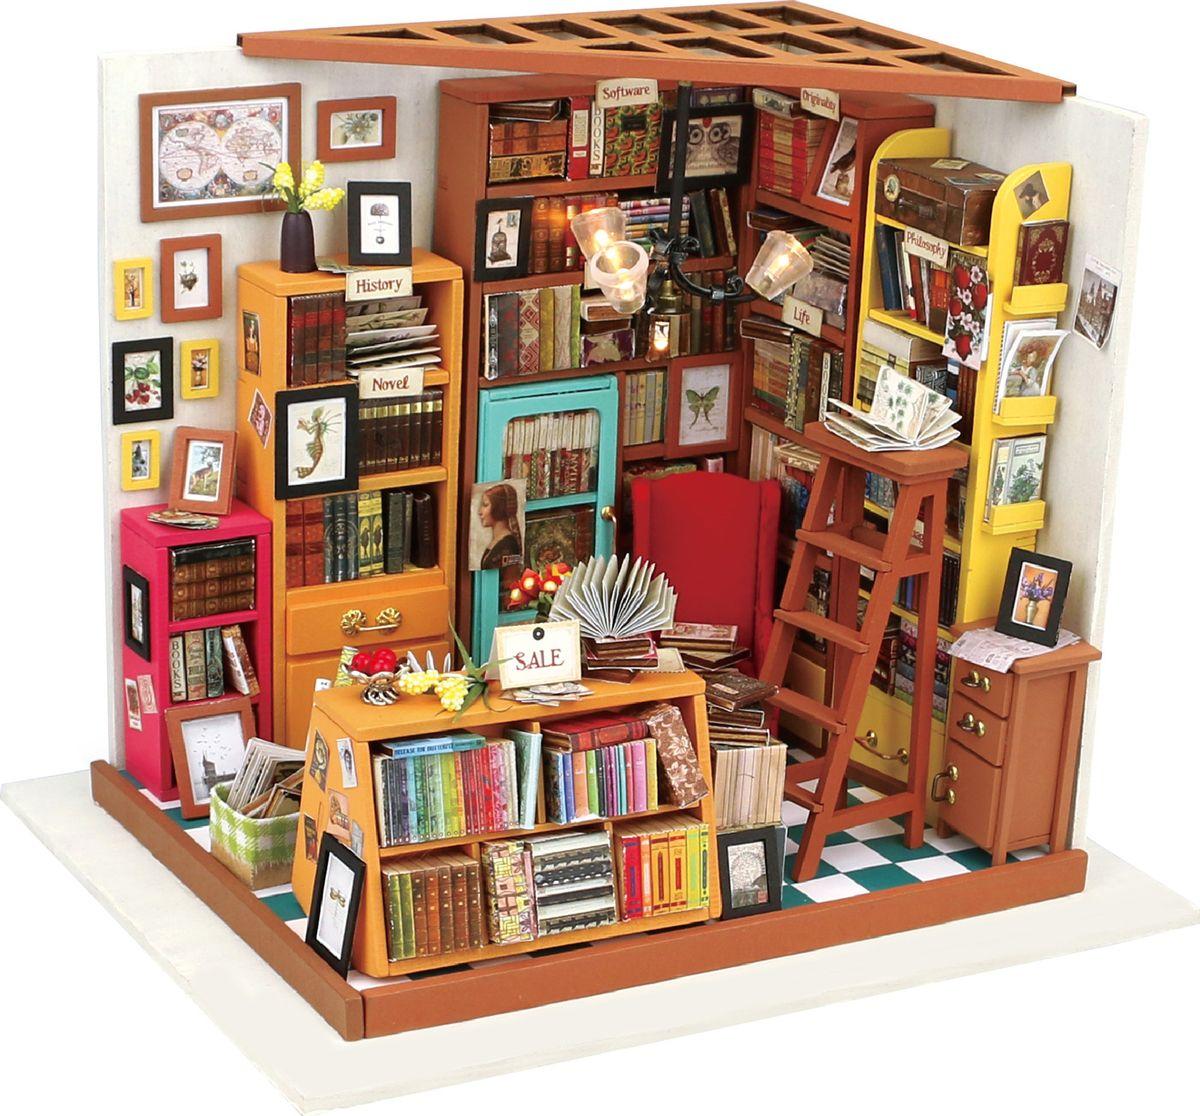 DIY Интерьерный конструктор для творчества  Sam's bookstore  (книжная лавка) - Конструкторы